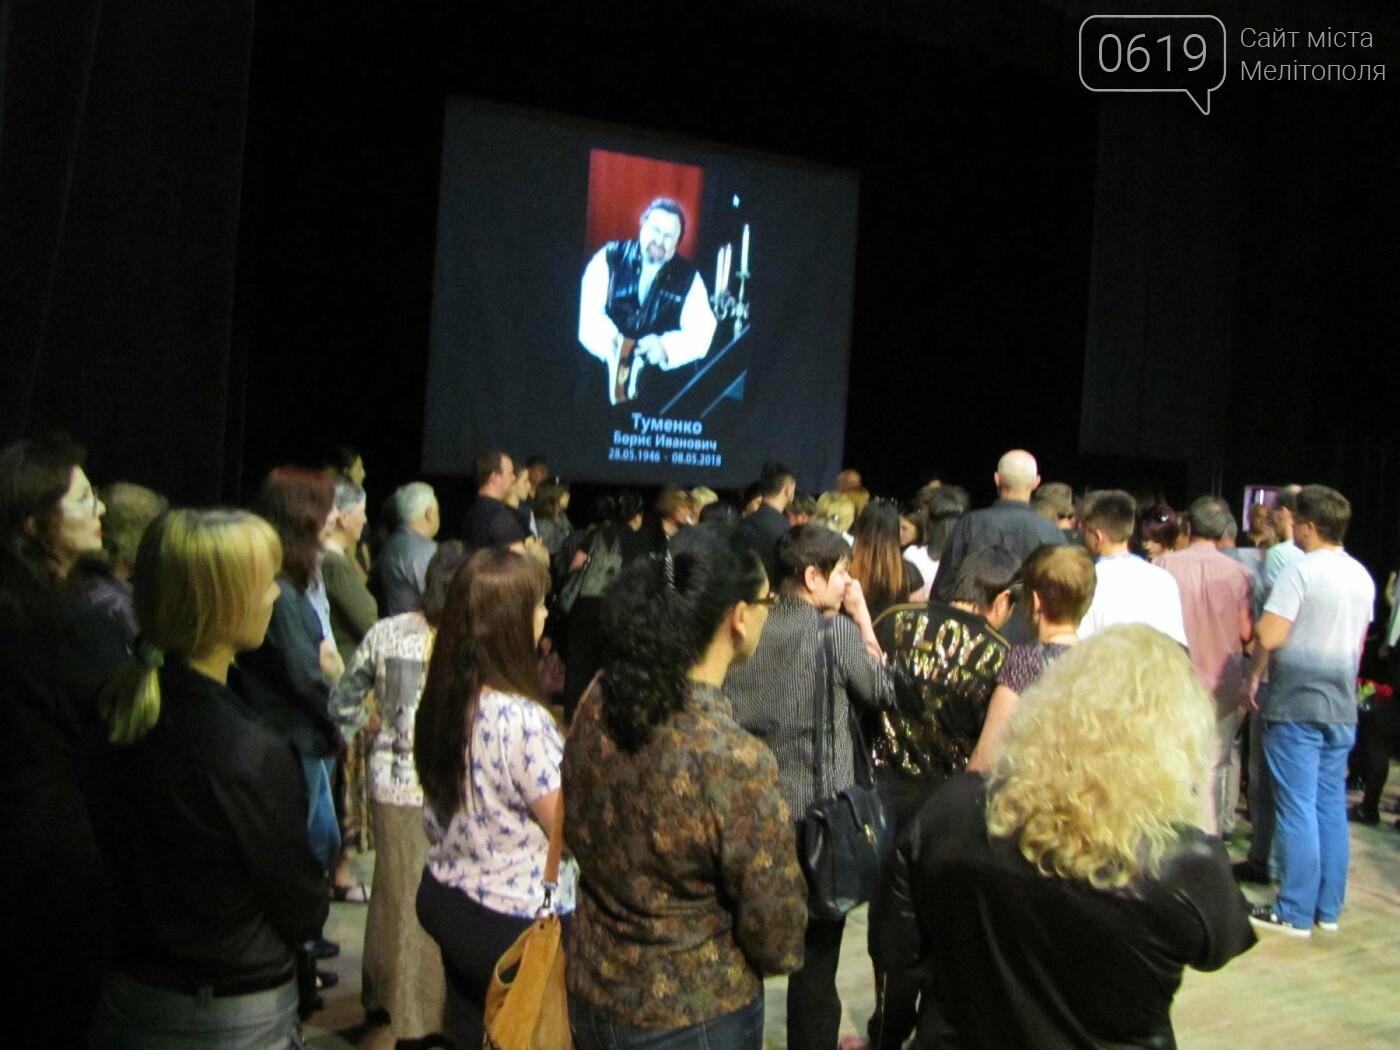 Сегодня мелитопольцы попрощались с известным режиссером , фото-4